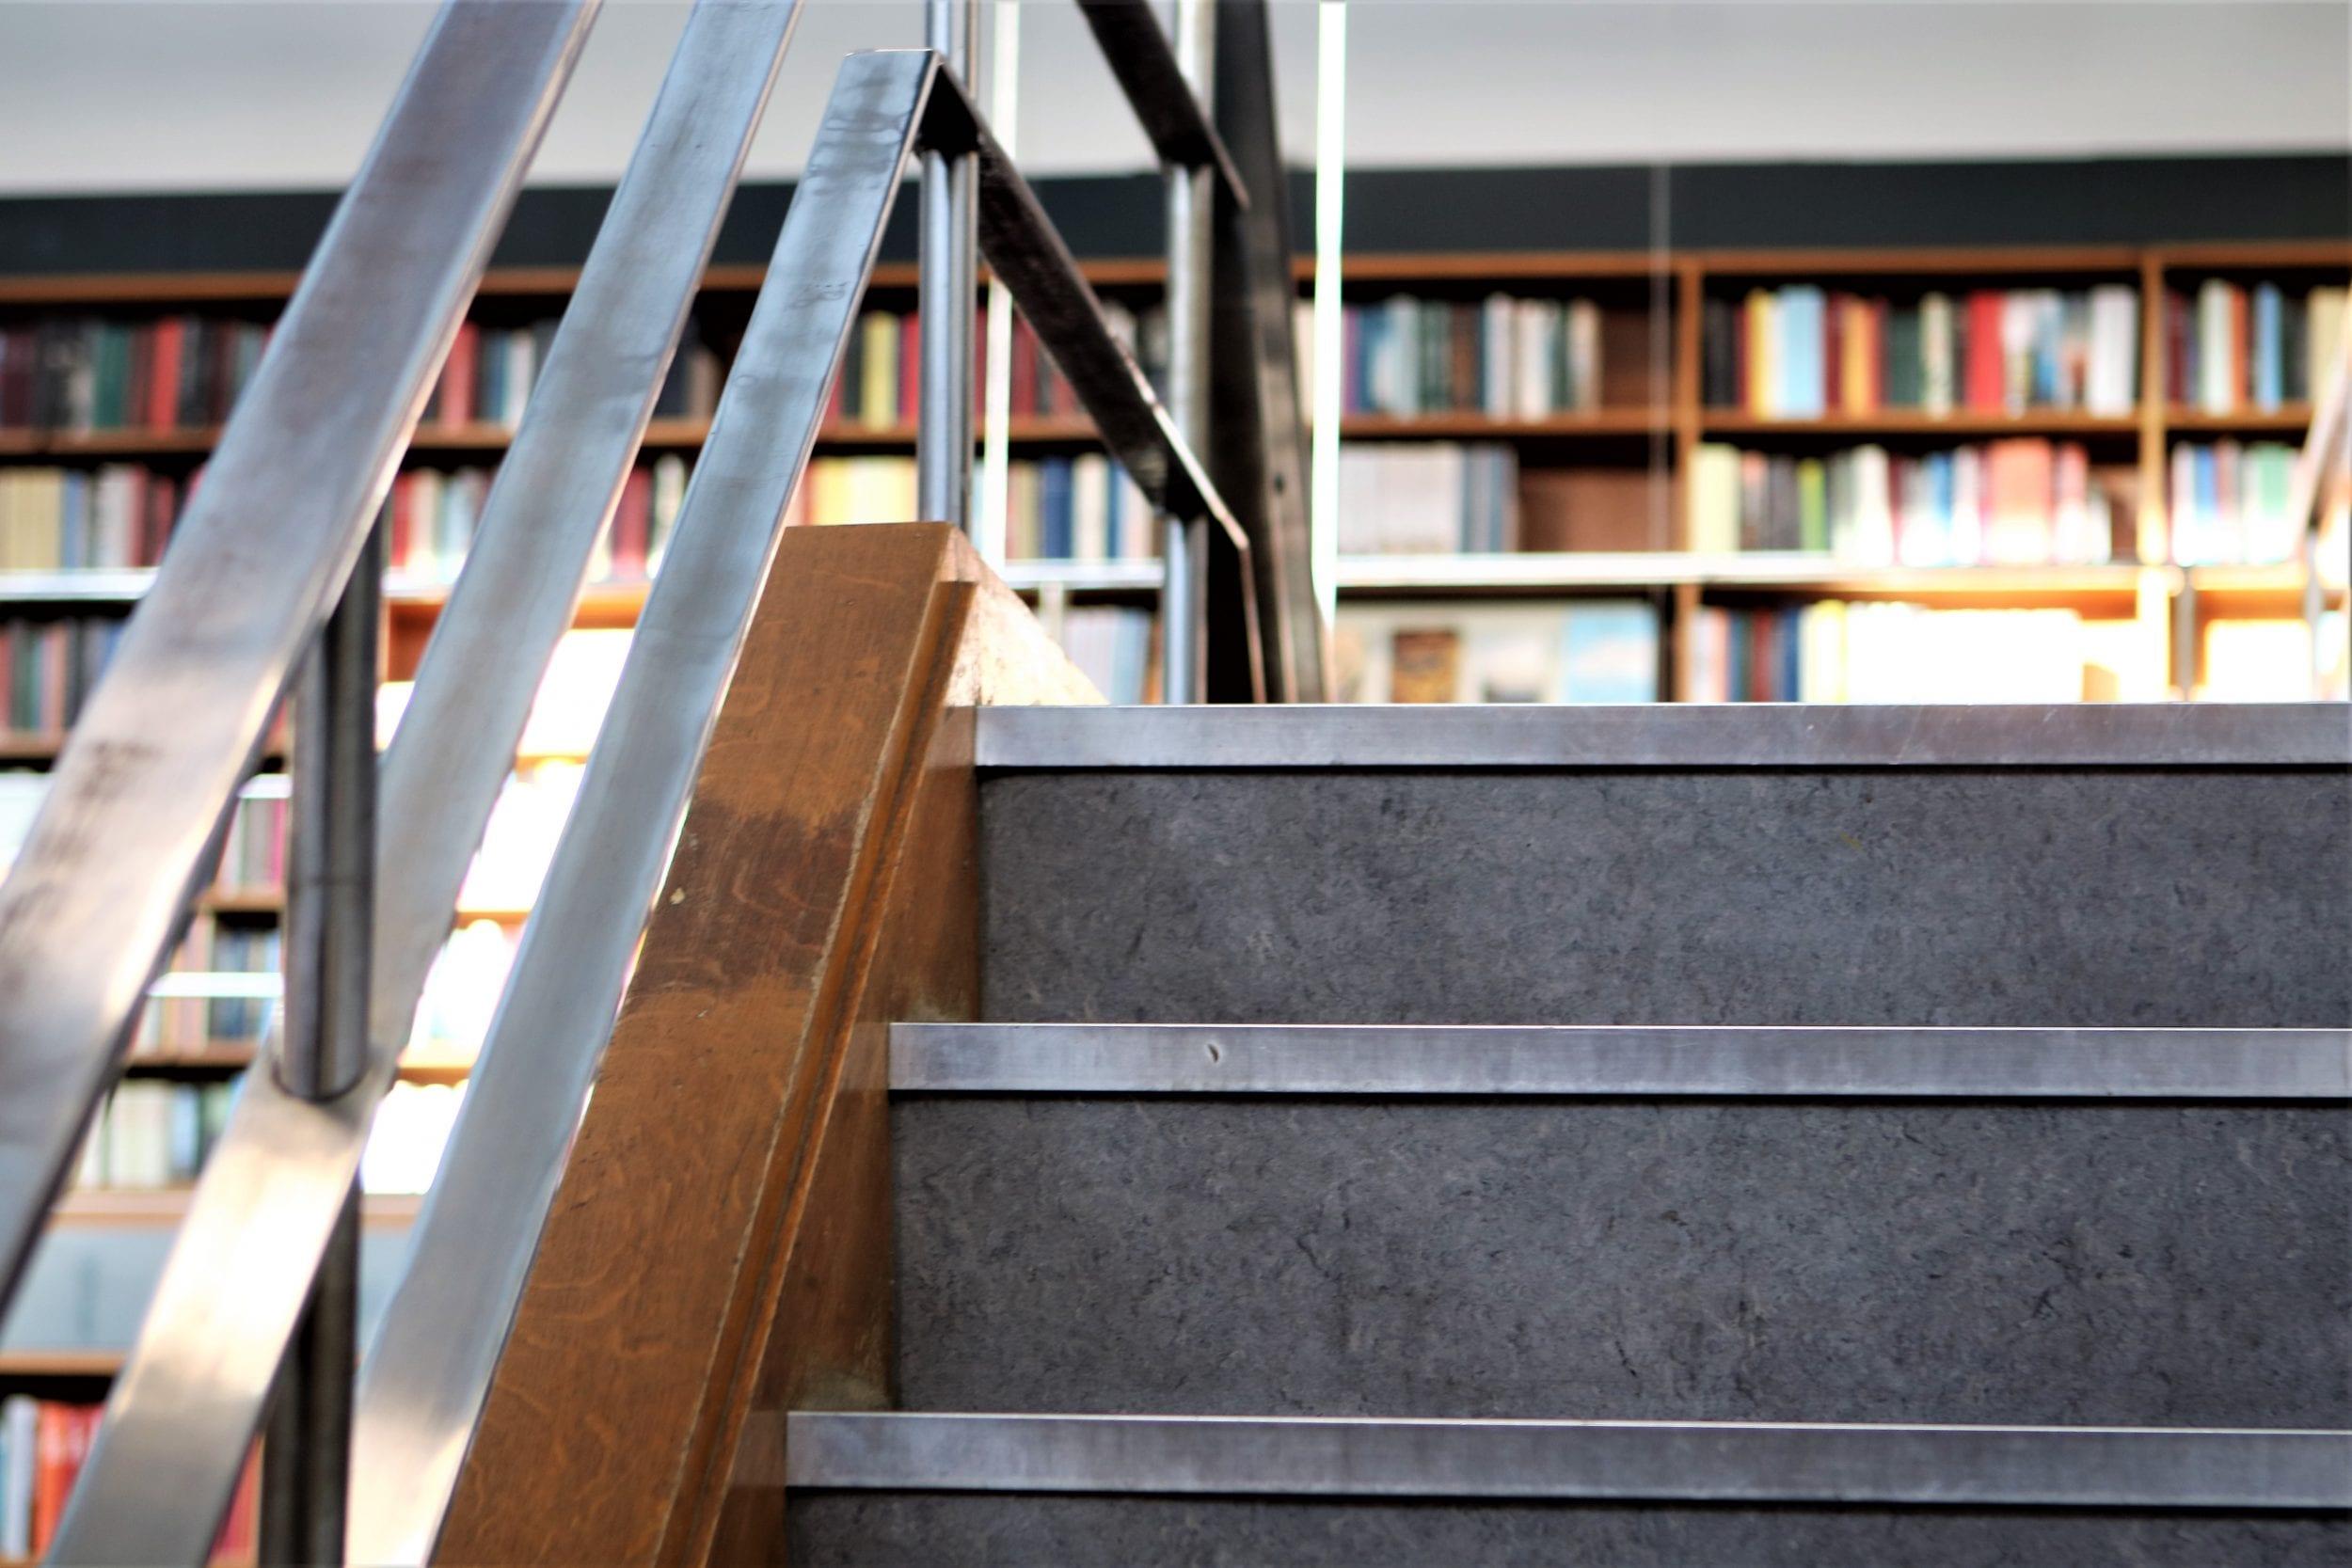 Alle biblioteker lukker fra 9. december - 4. januar